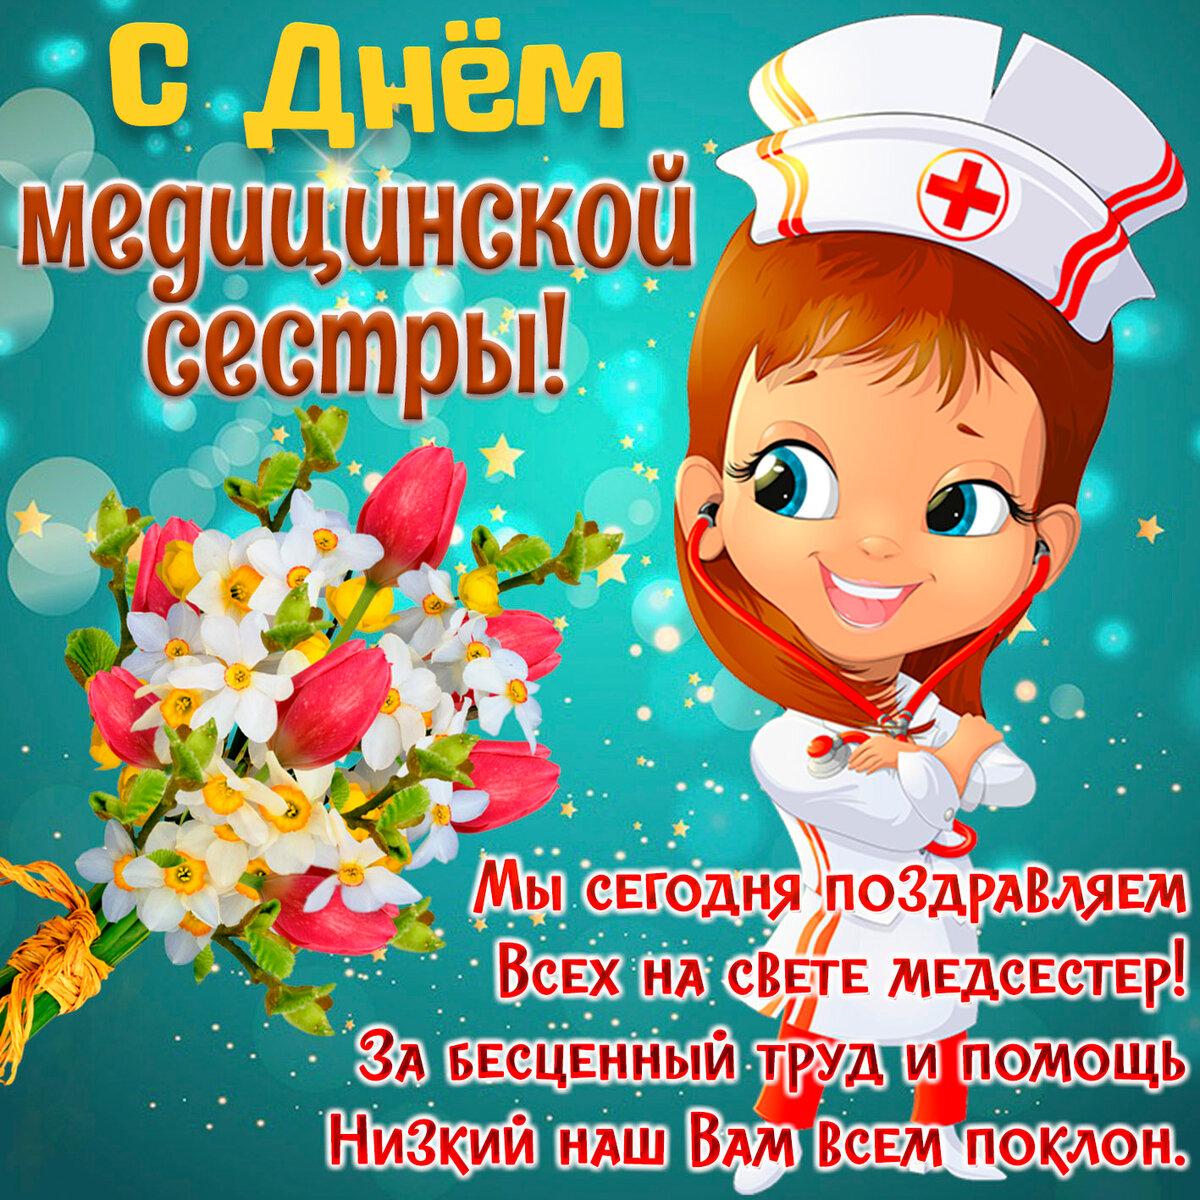 Красивые открытки с днем медсестер, открытки днем